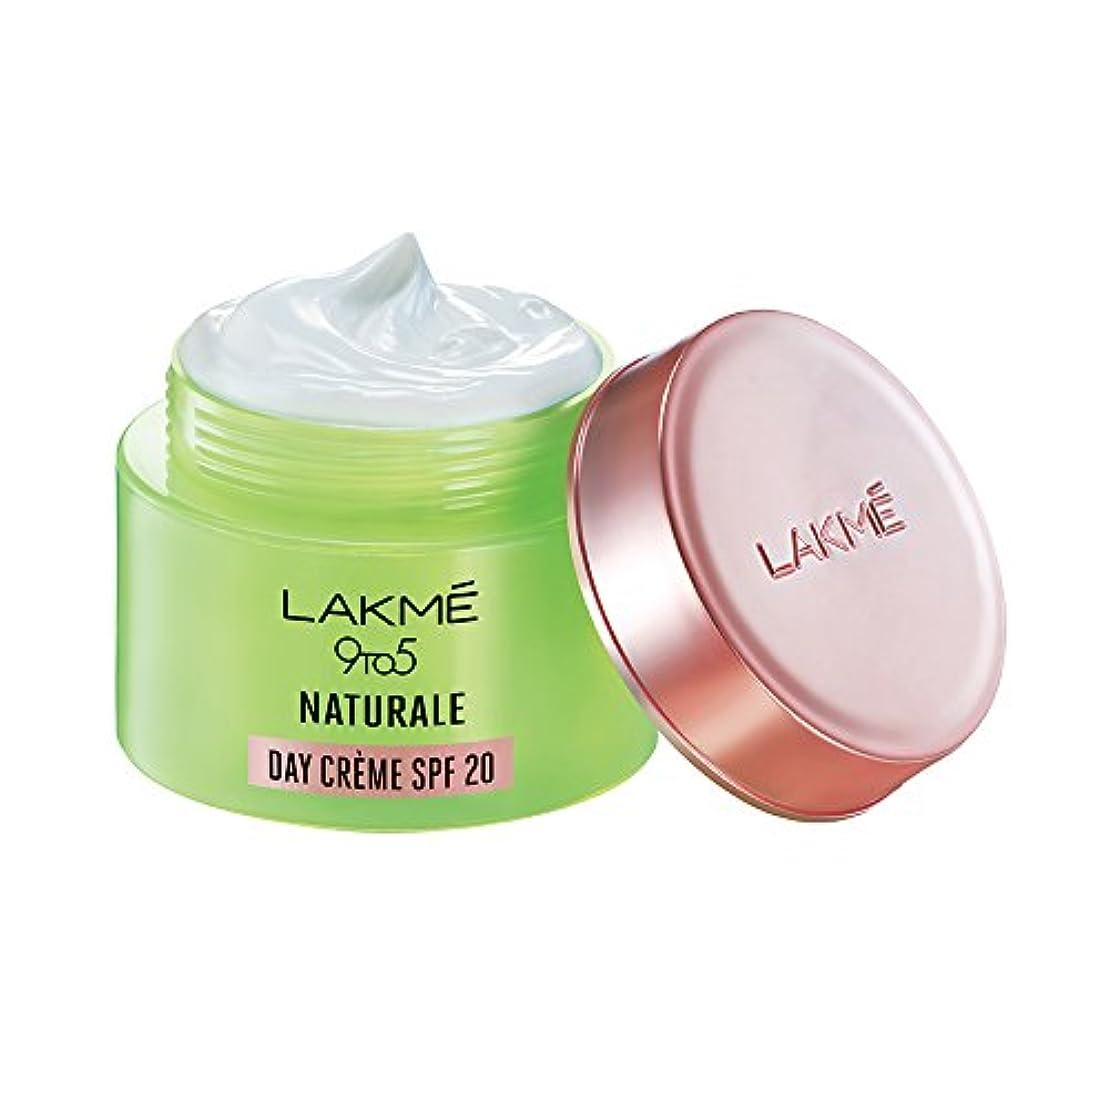 好みアラビア語アトラスLakme 9 to 5 Naturale Day Creme SPF 20, 50 g